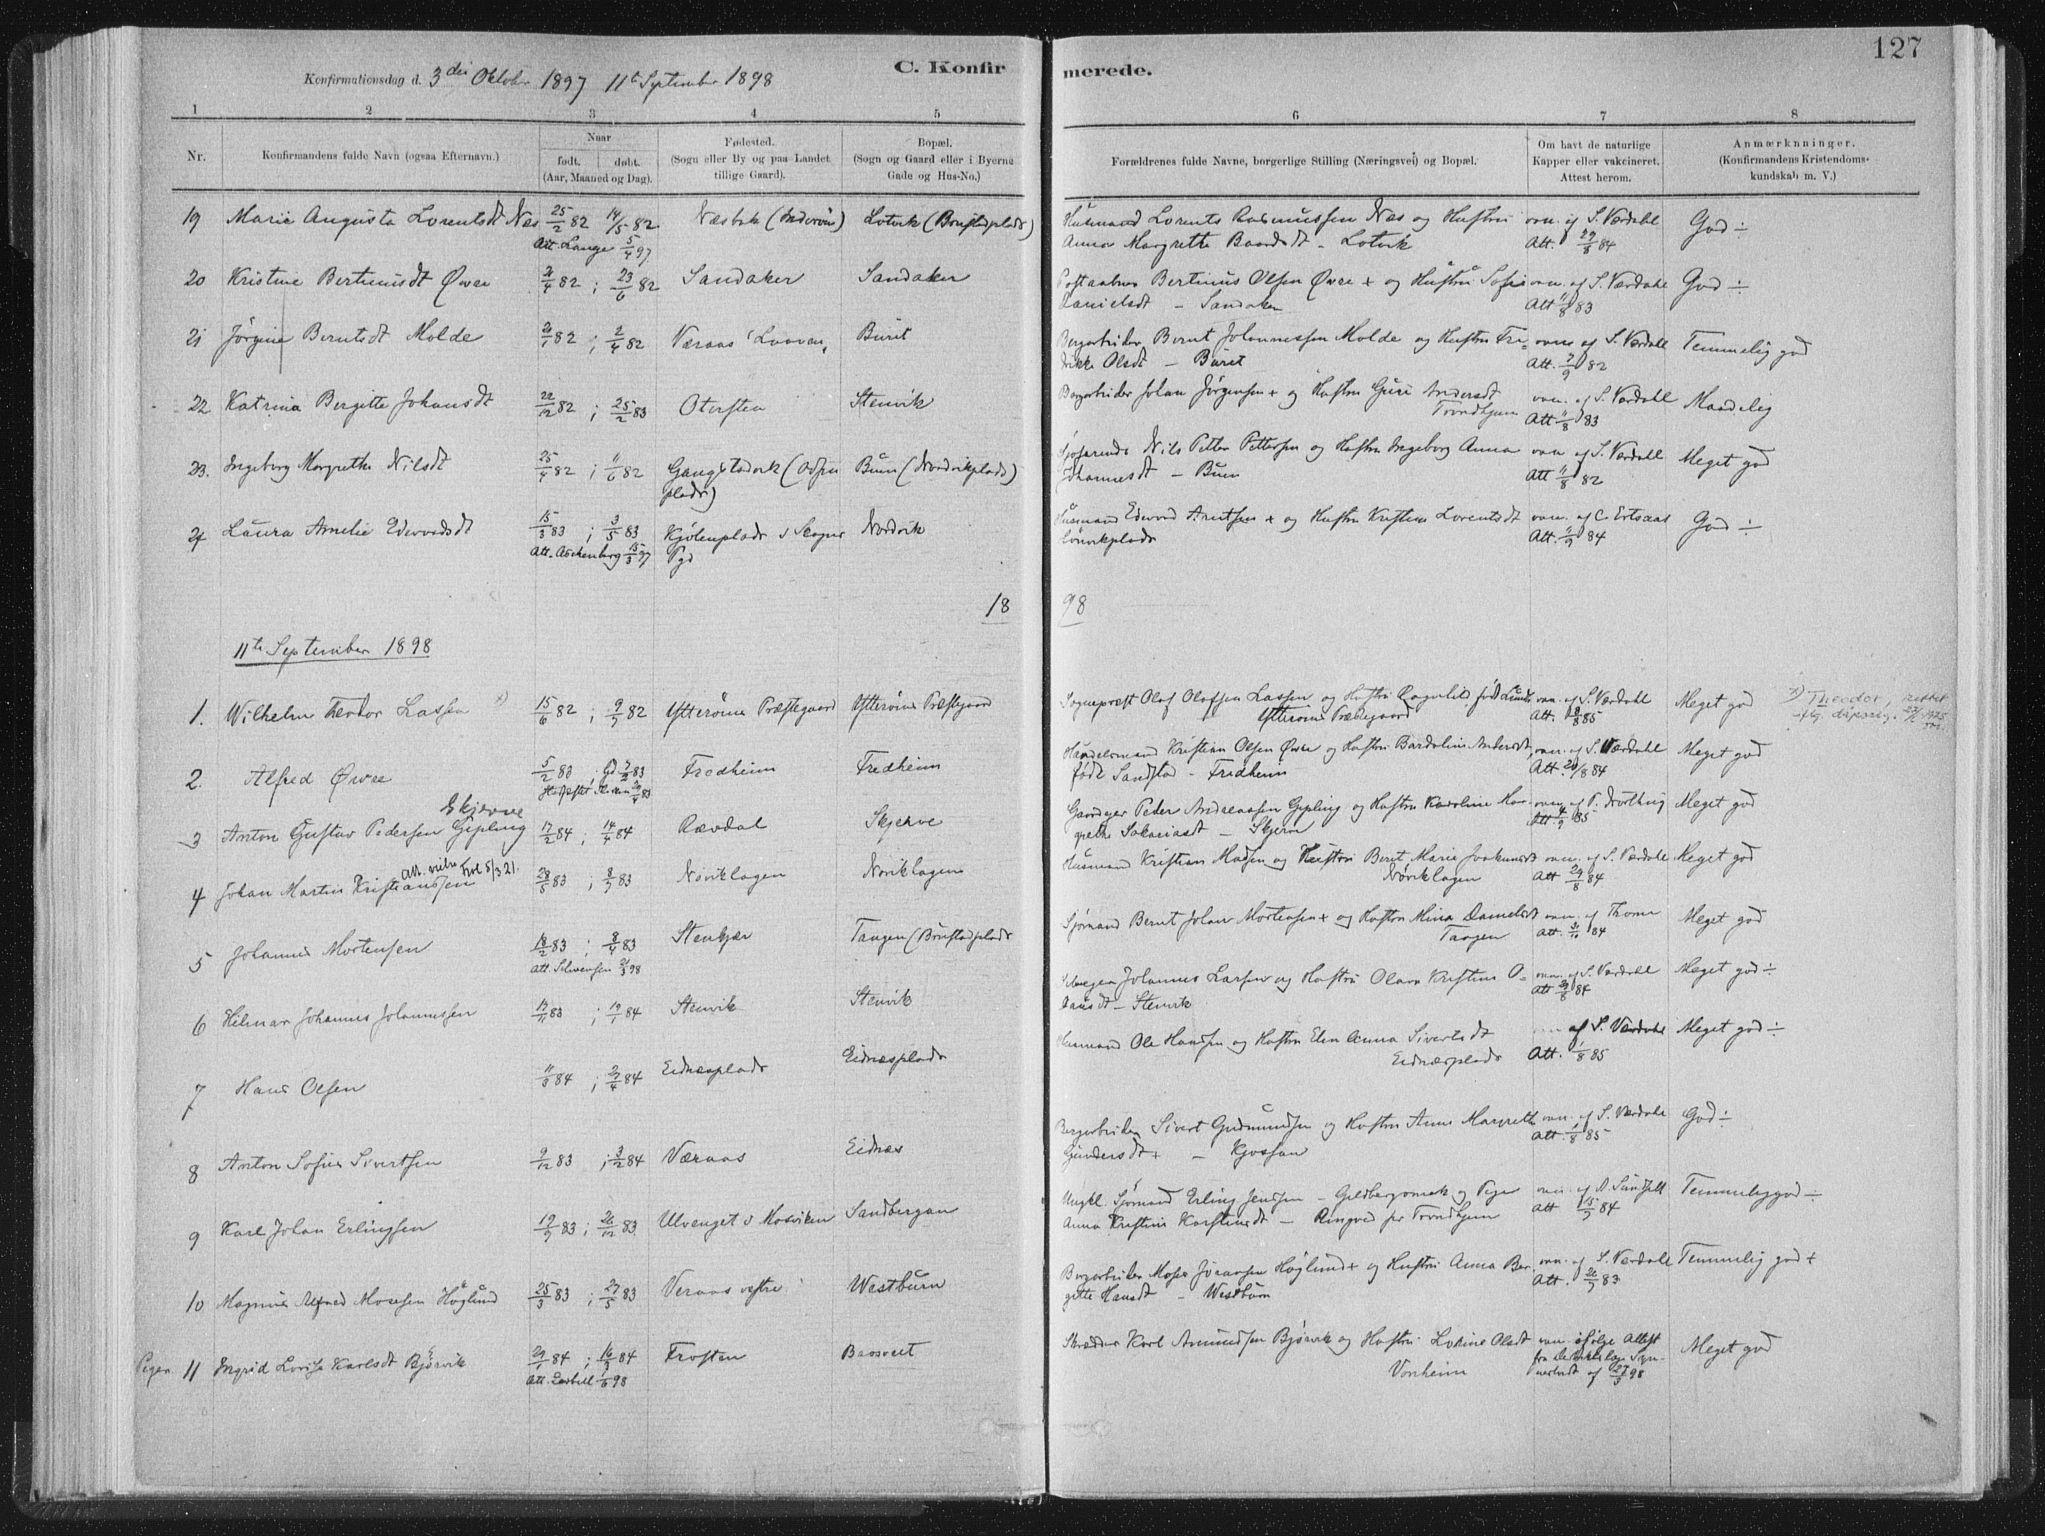 SAT, Ministerialprotokoller, klokkerbøker og fødselsregistre - Nord-Trøndelag, 722/L0220: Ministerialbok nr. 722A07, 1881-1908, s. 127